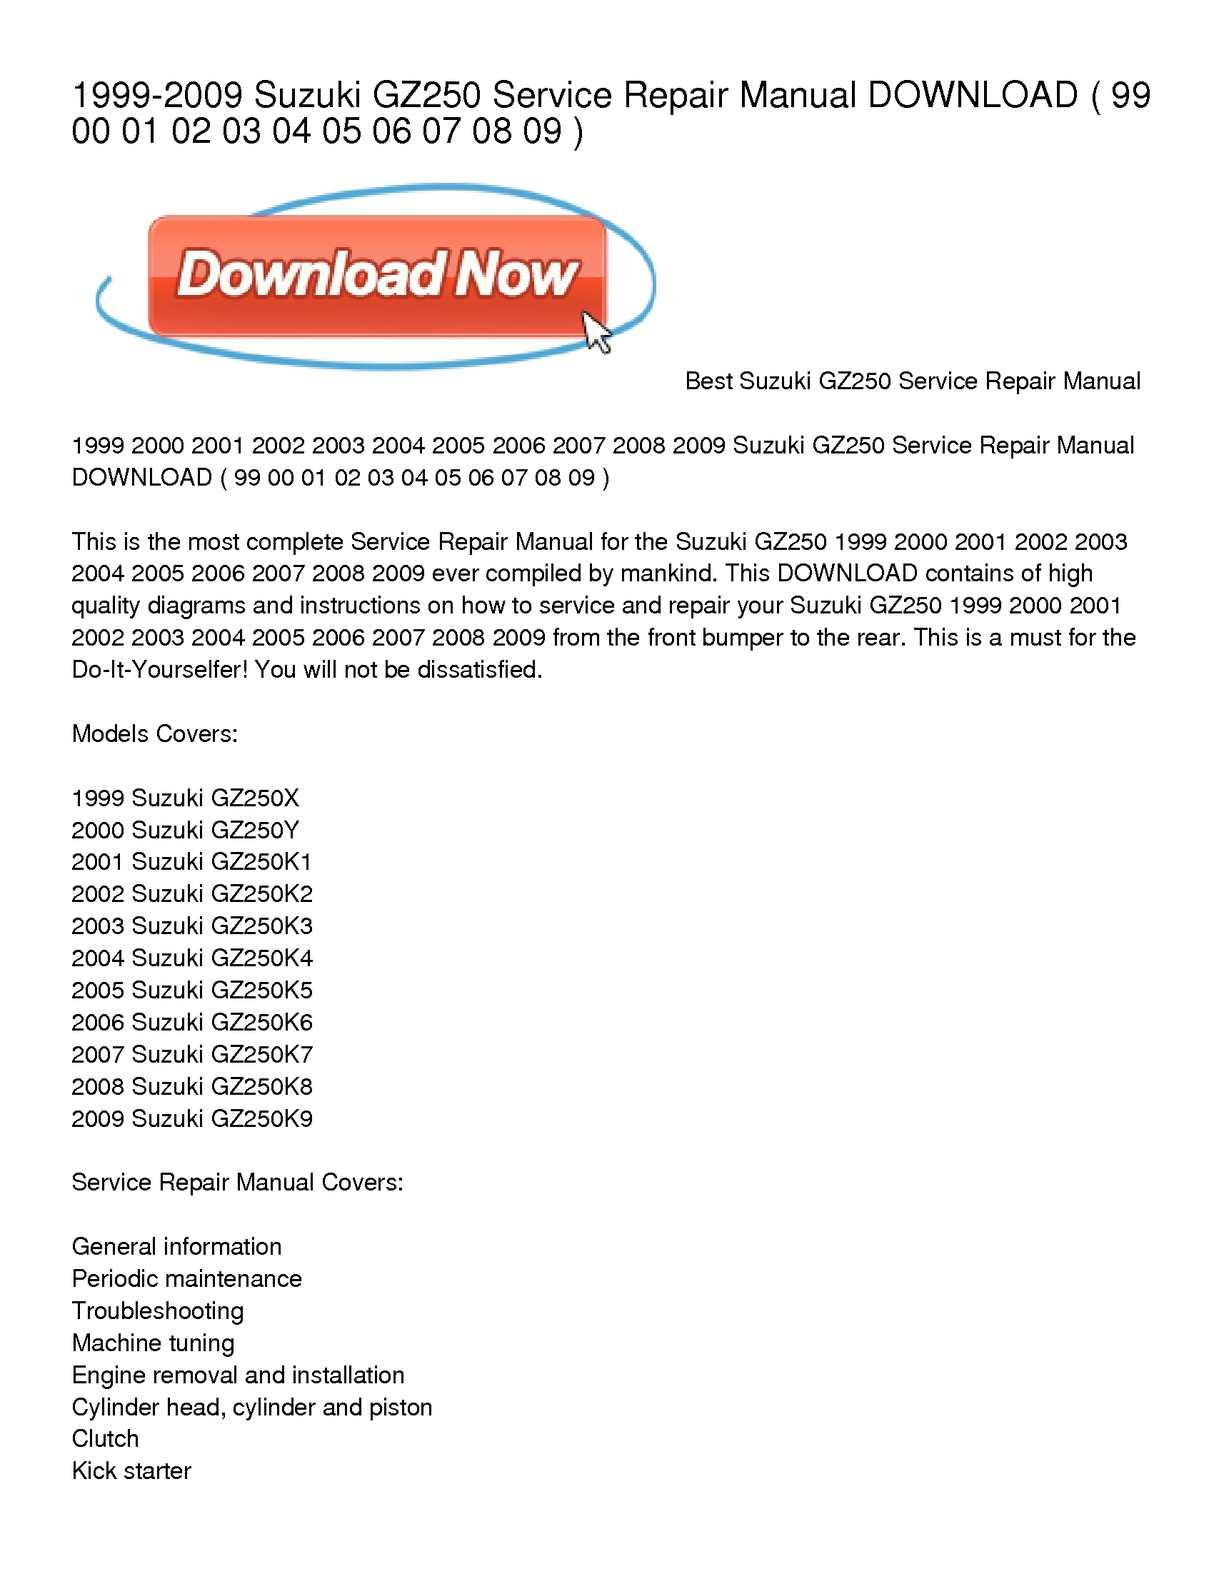 Suzuki 2004 Gz250 Wiring Diagram Trusted Gsx600f Calam O 1999 2009 Service Repair Manual Download Rh Calameo Com Specs